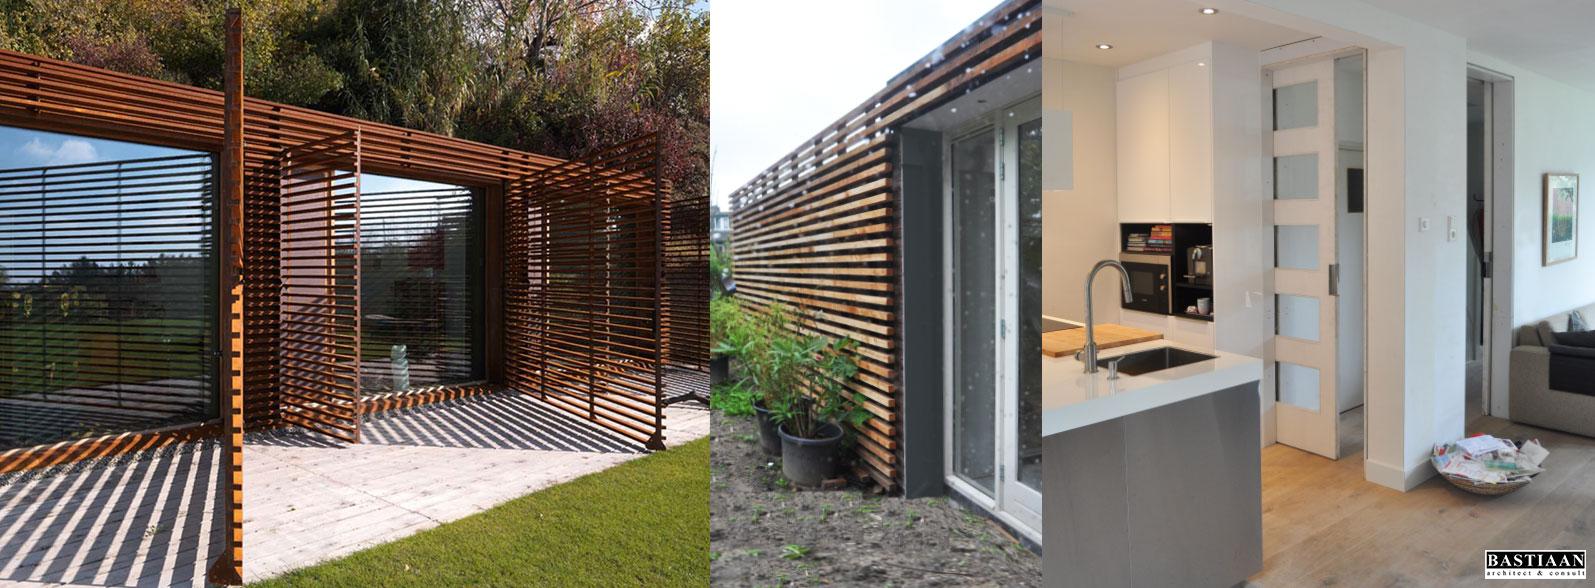 het kleine woonhuisarchitectuur   renovatie   nieuwbouw